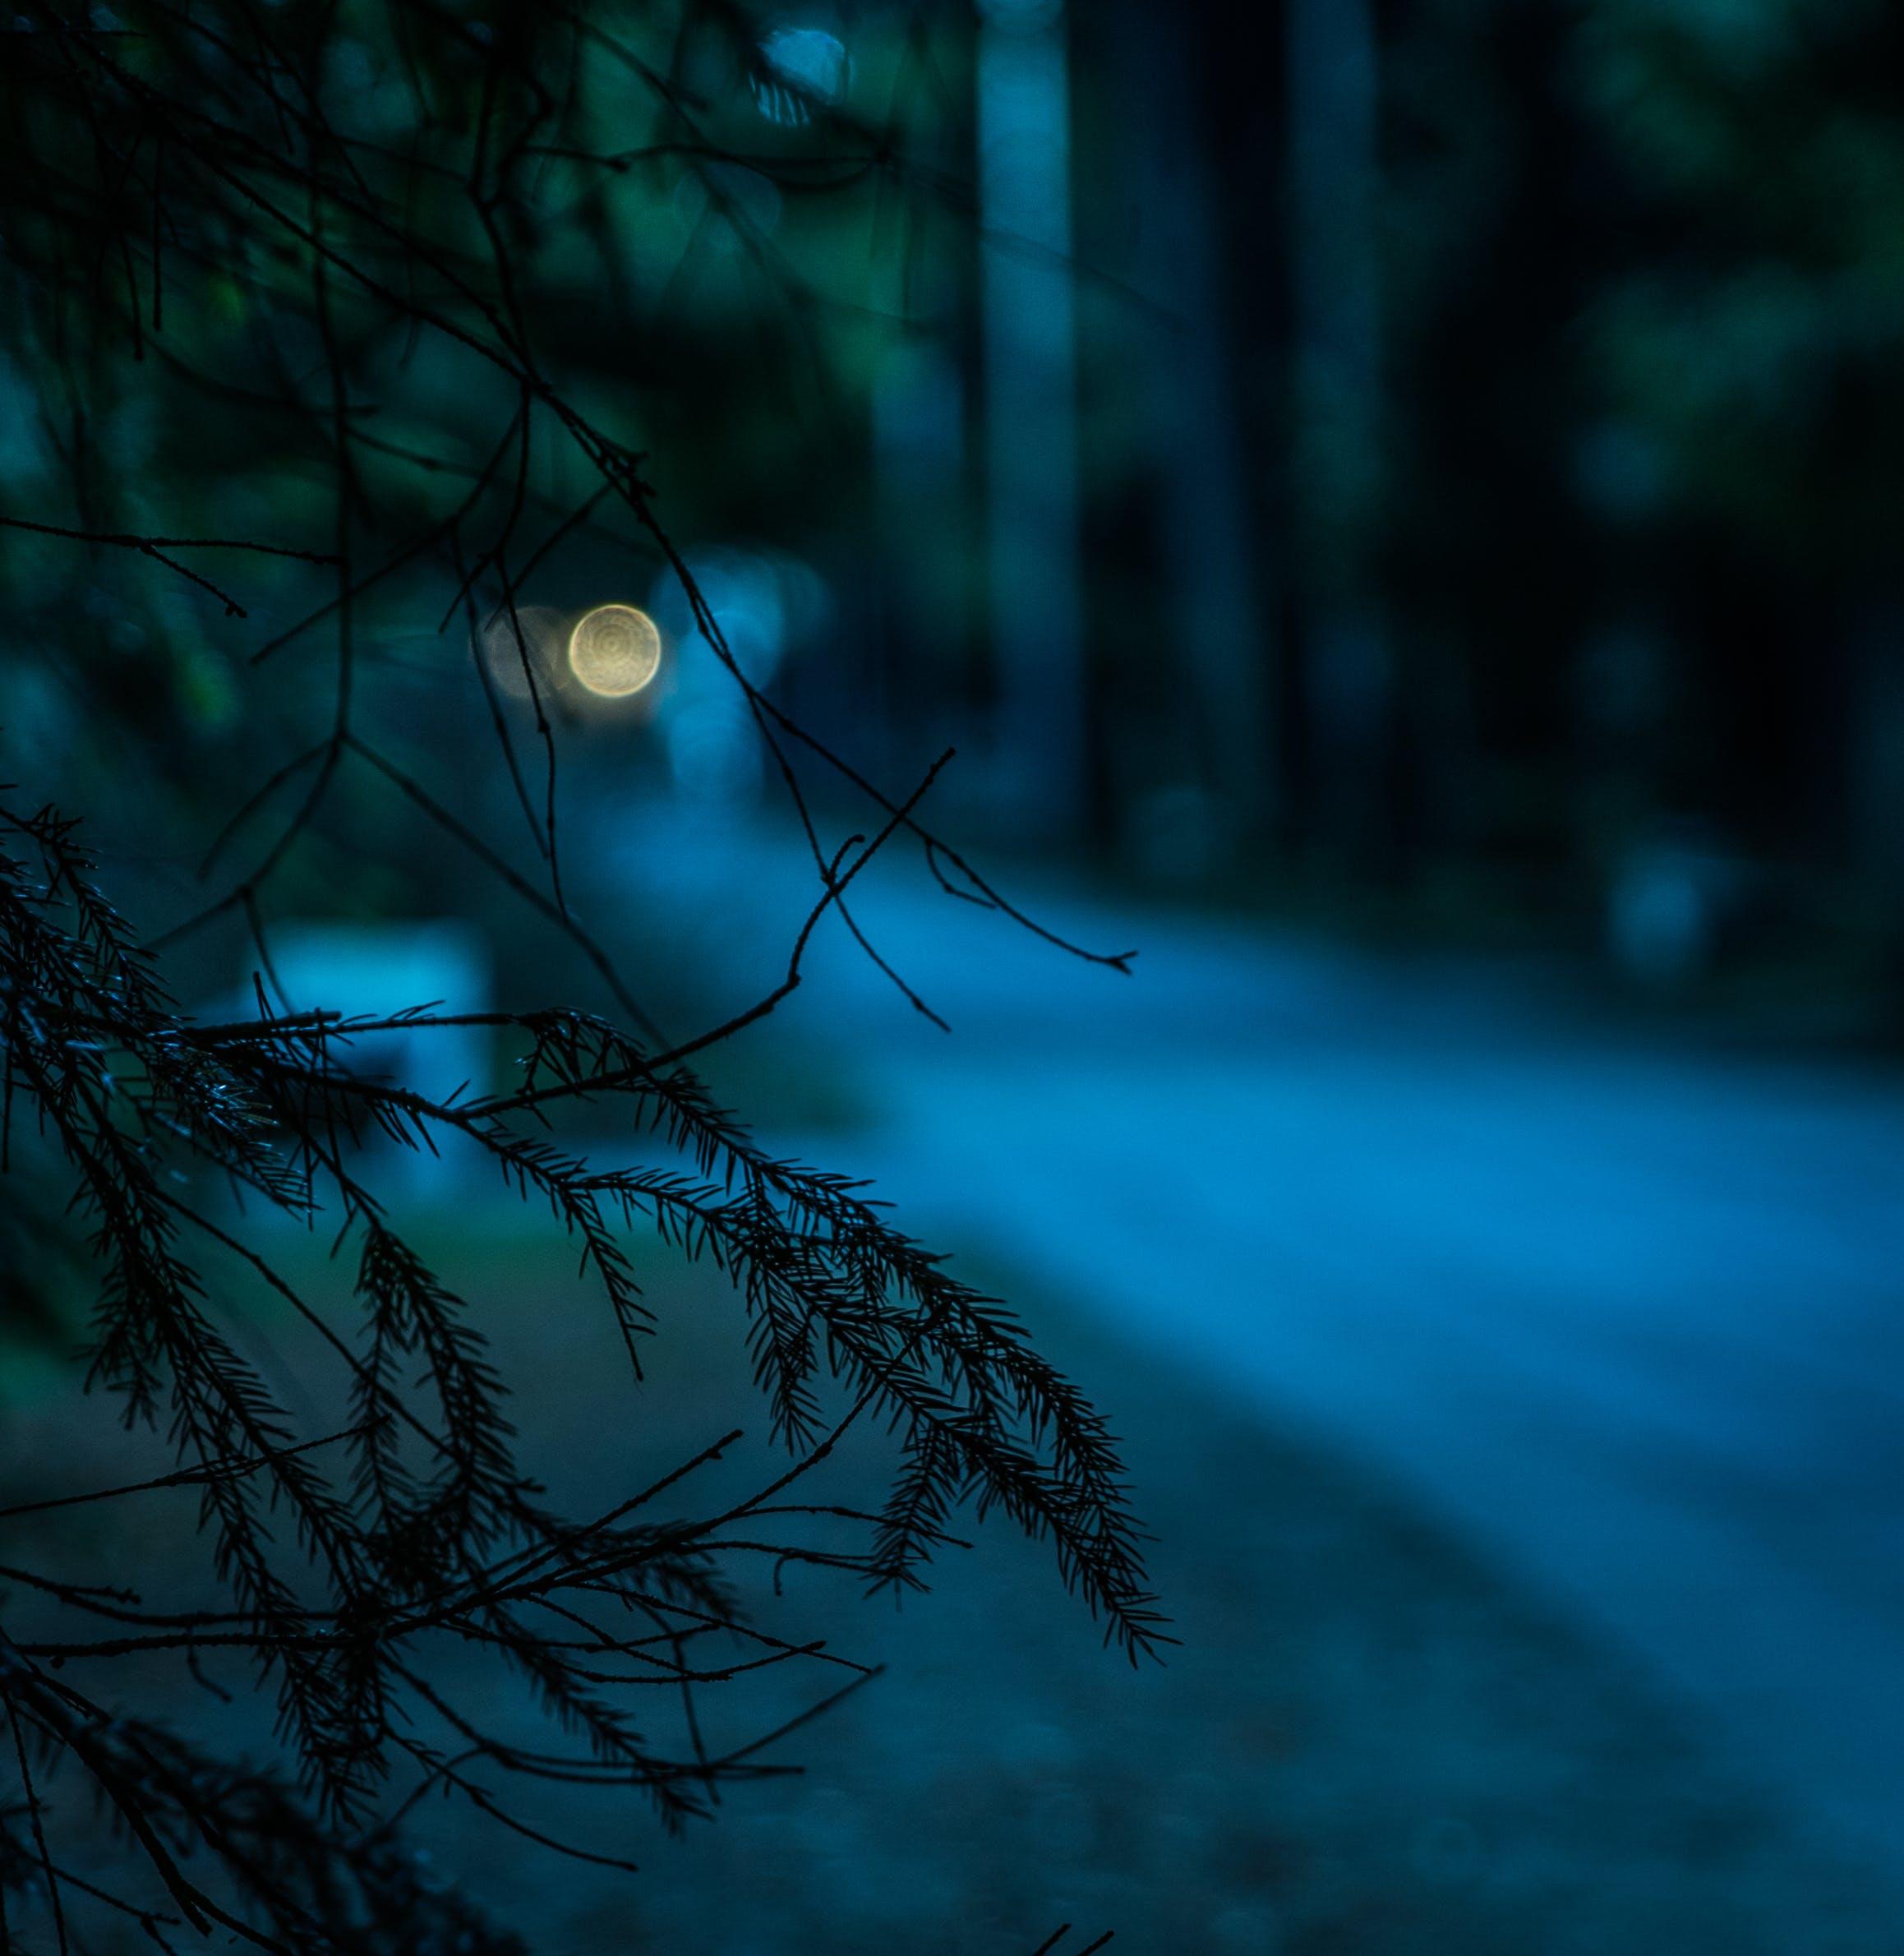 Kostenloses Stock Foto zu licht, straße, landschaft, nacht